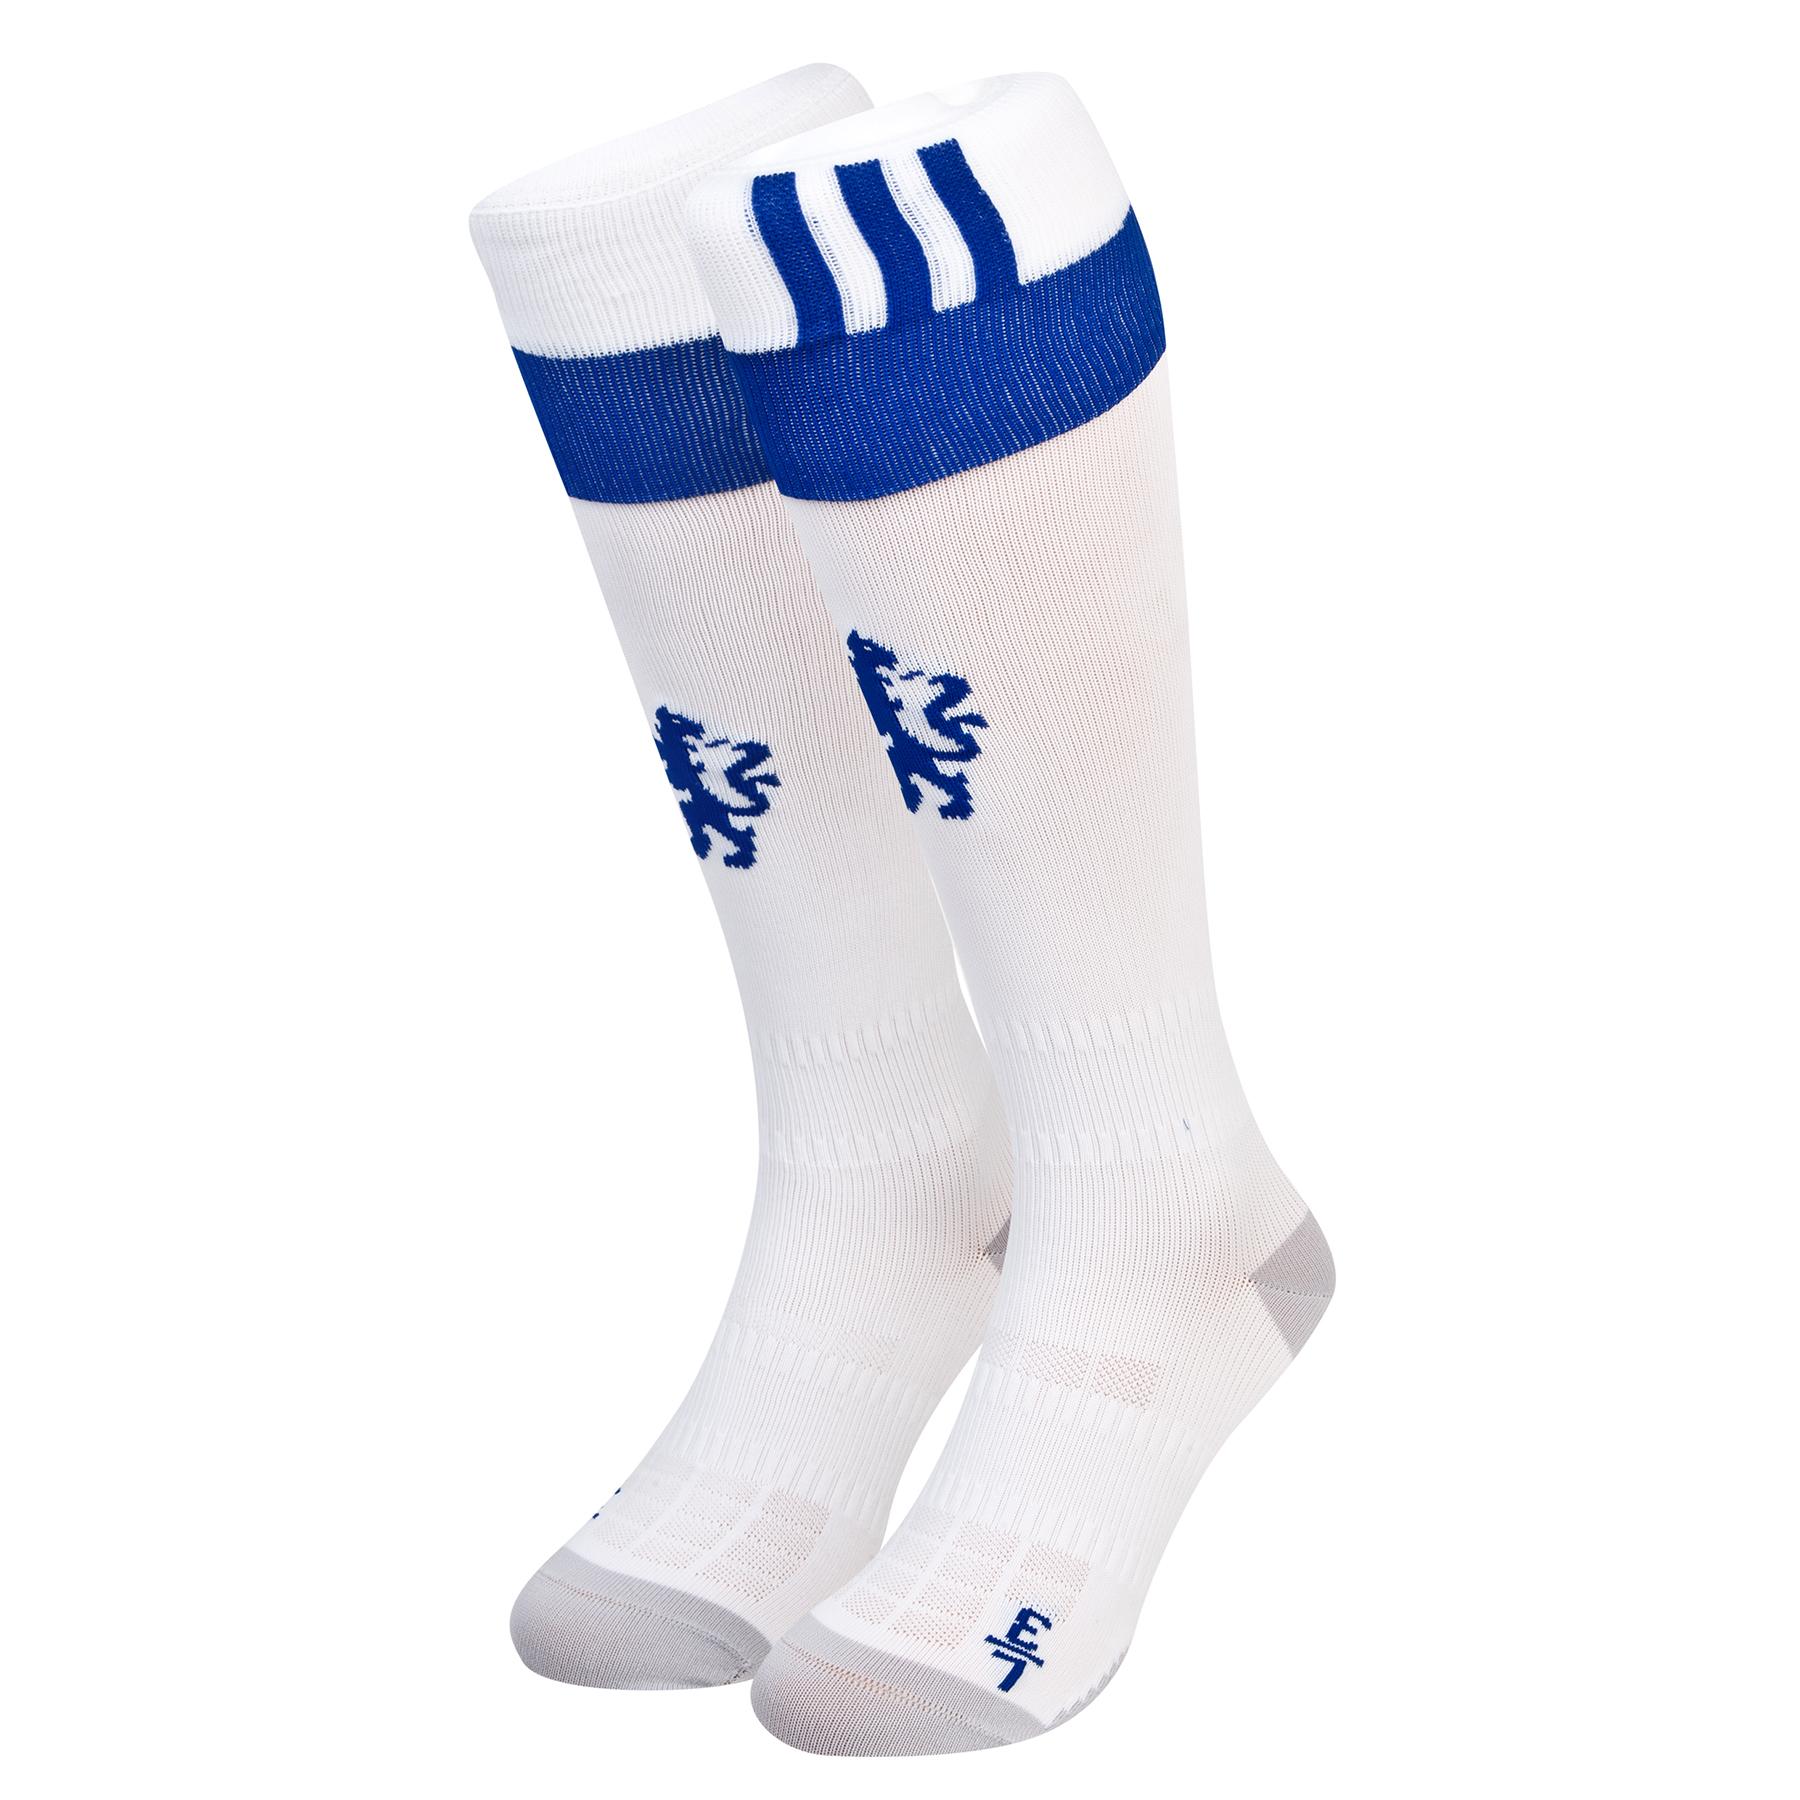 Chelsea Home/Third Socks 16-17